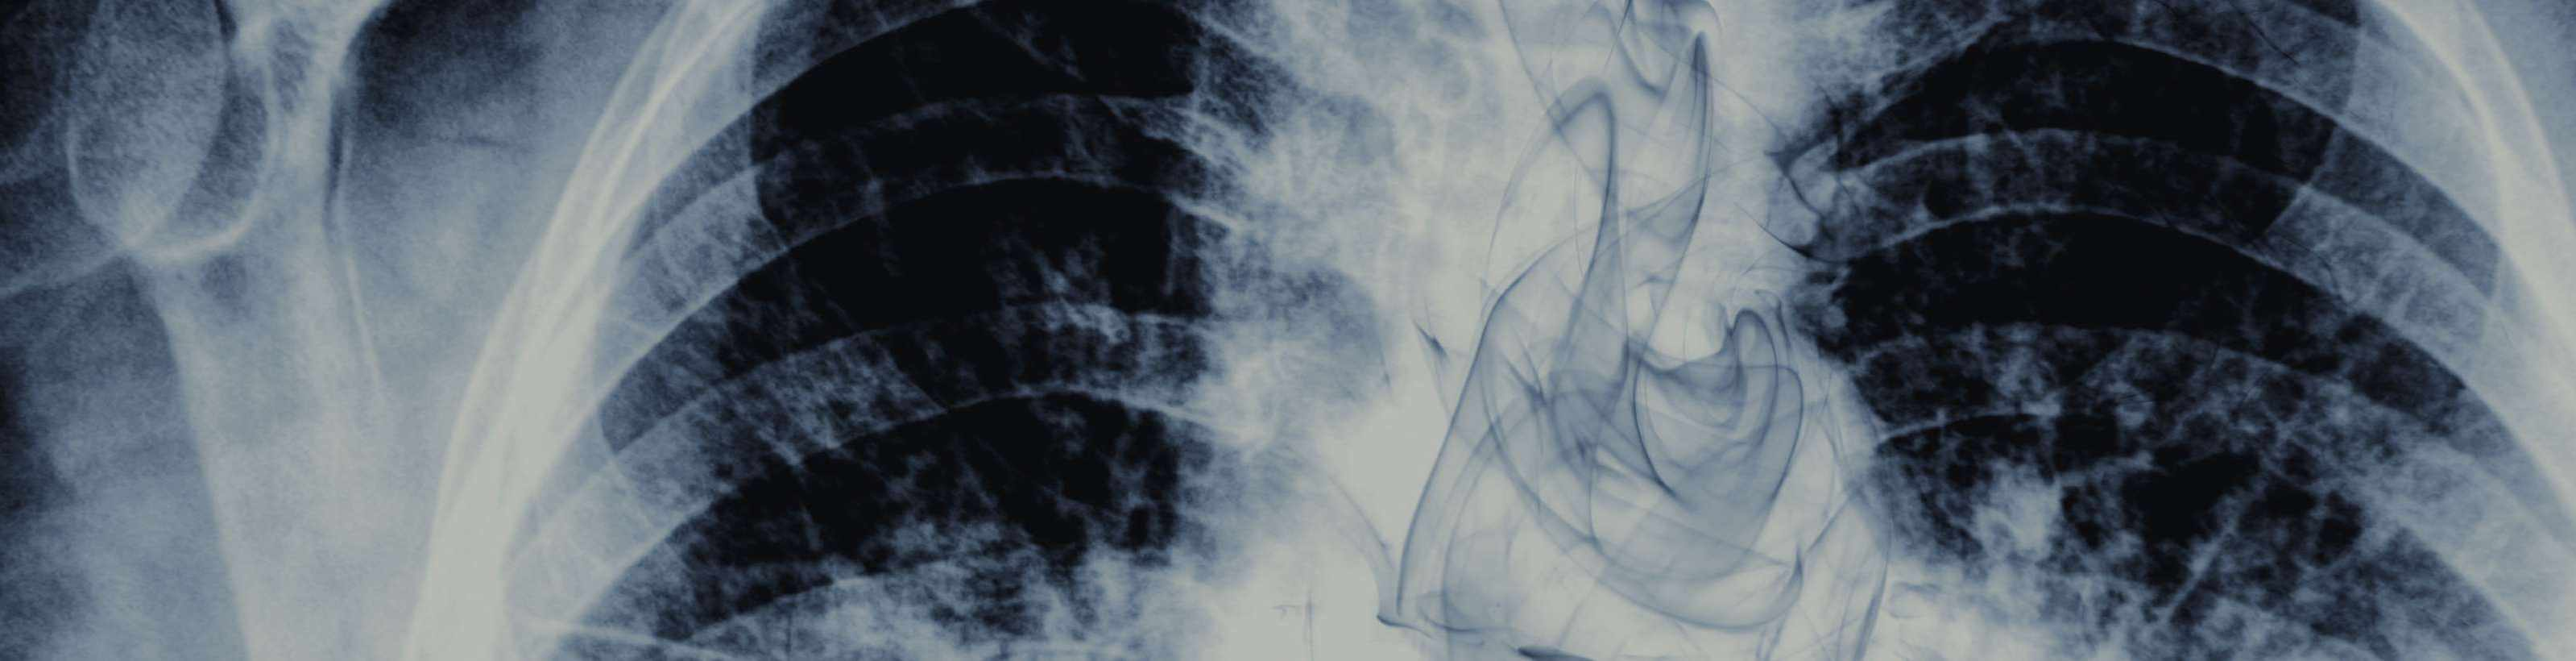 Чем опасно курение и можно ли курить при бронхите?